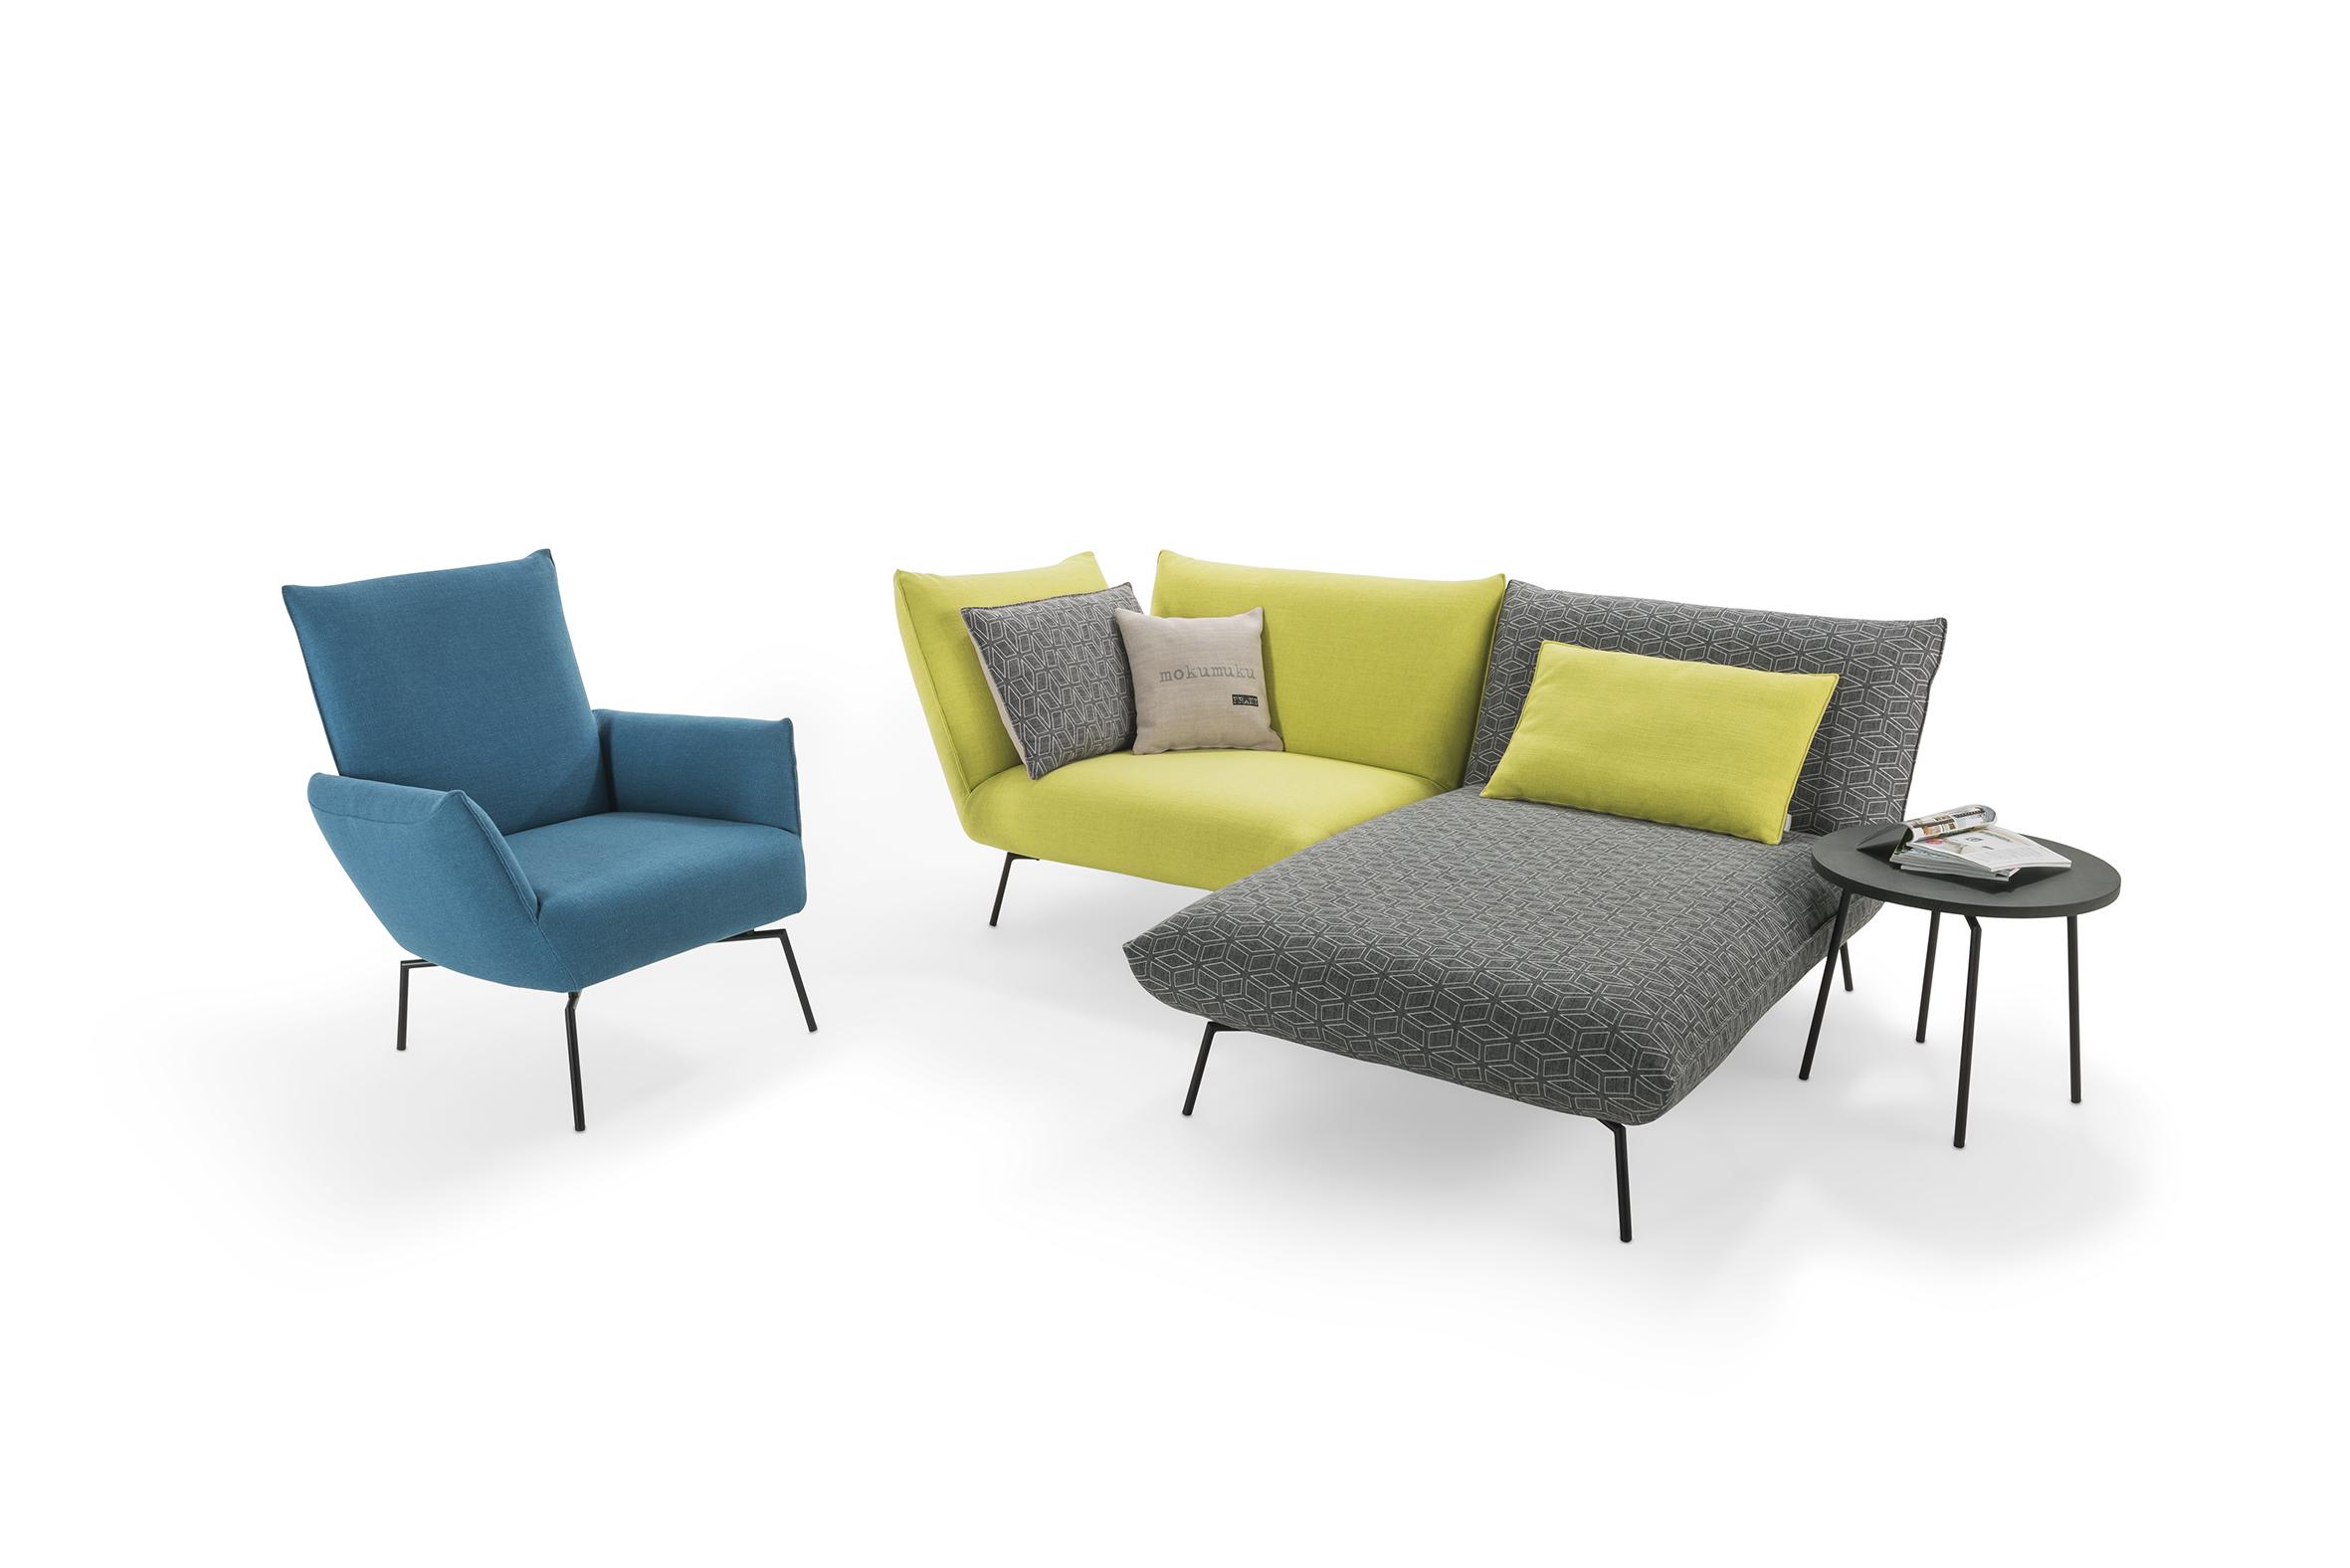 schlafzimmer offene schranksysteme schlafzimmer. Black Bedroom Furniture Sets. Home Design Ideas